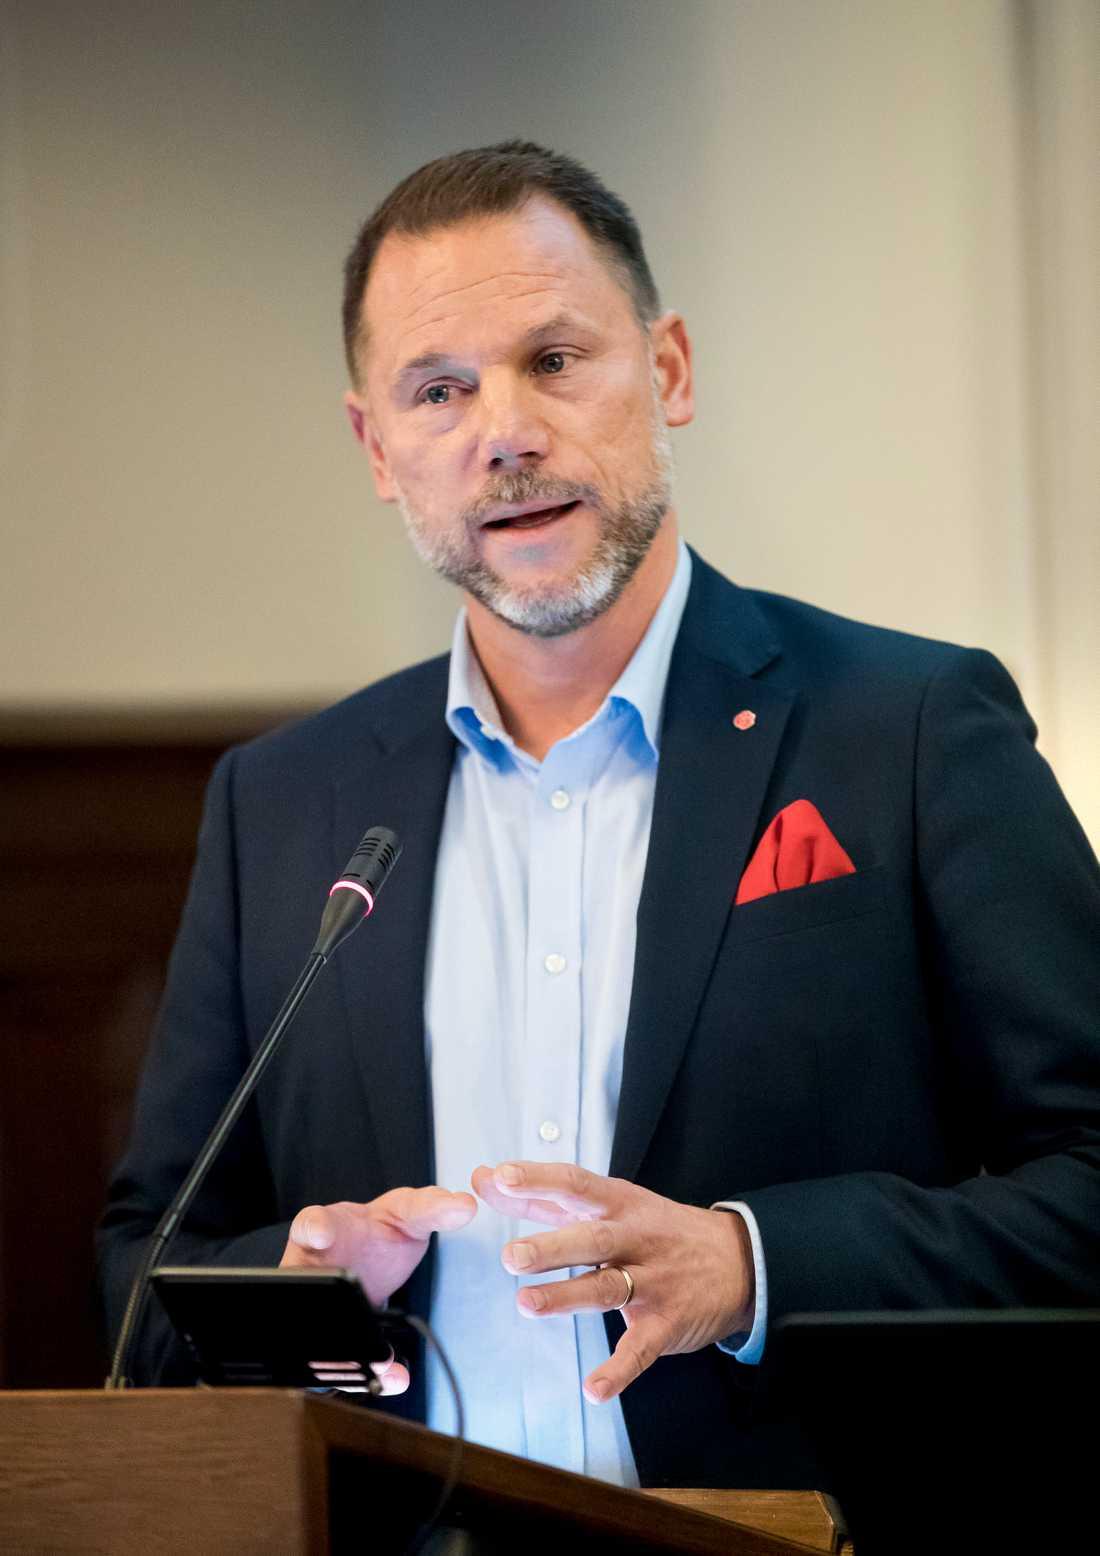 Får kritik. Andreas Svahn (S), regionstyrelsens ordförande i region Örebro.